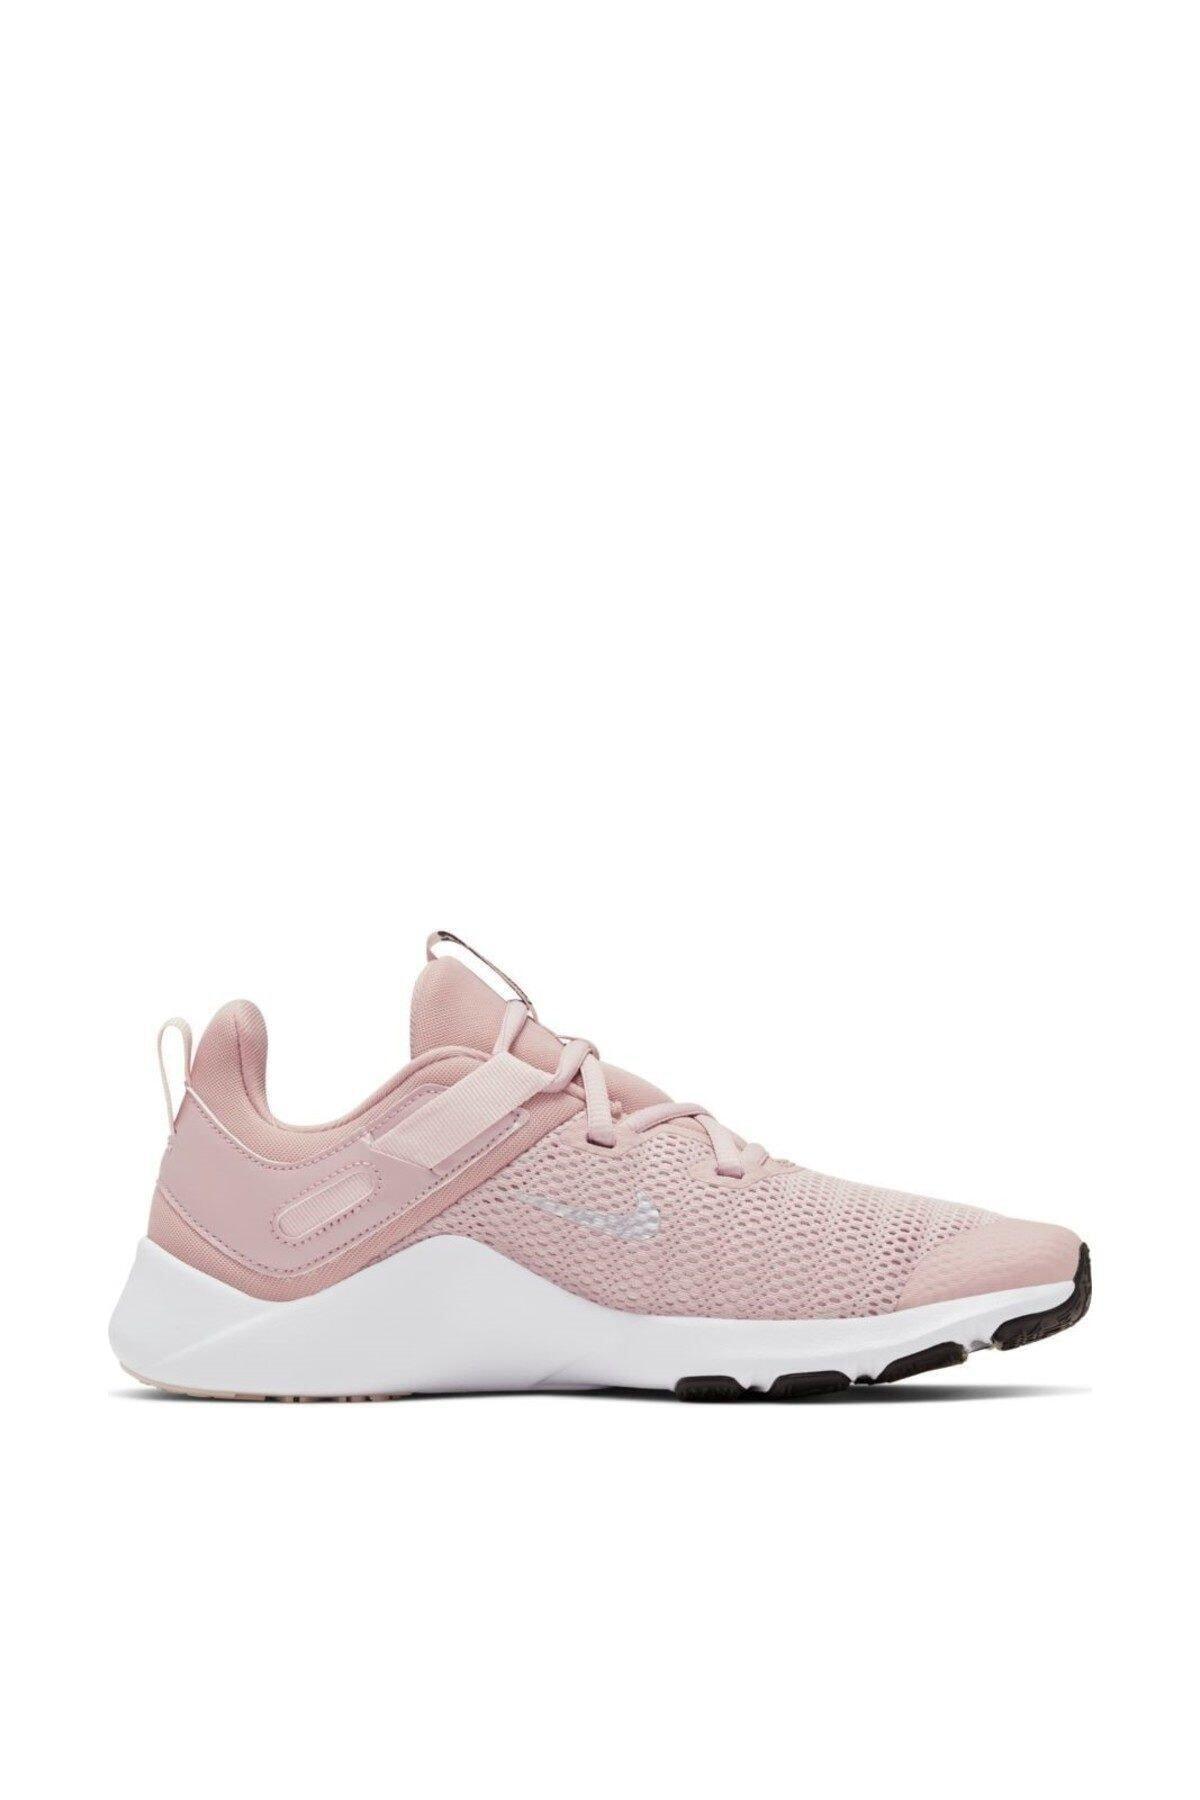 Nike Kadın Koşu & Antrenman Ayakkabısı - WMNS LEGEND ESSENTIAL   CD0212-200 1